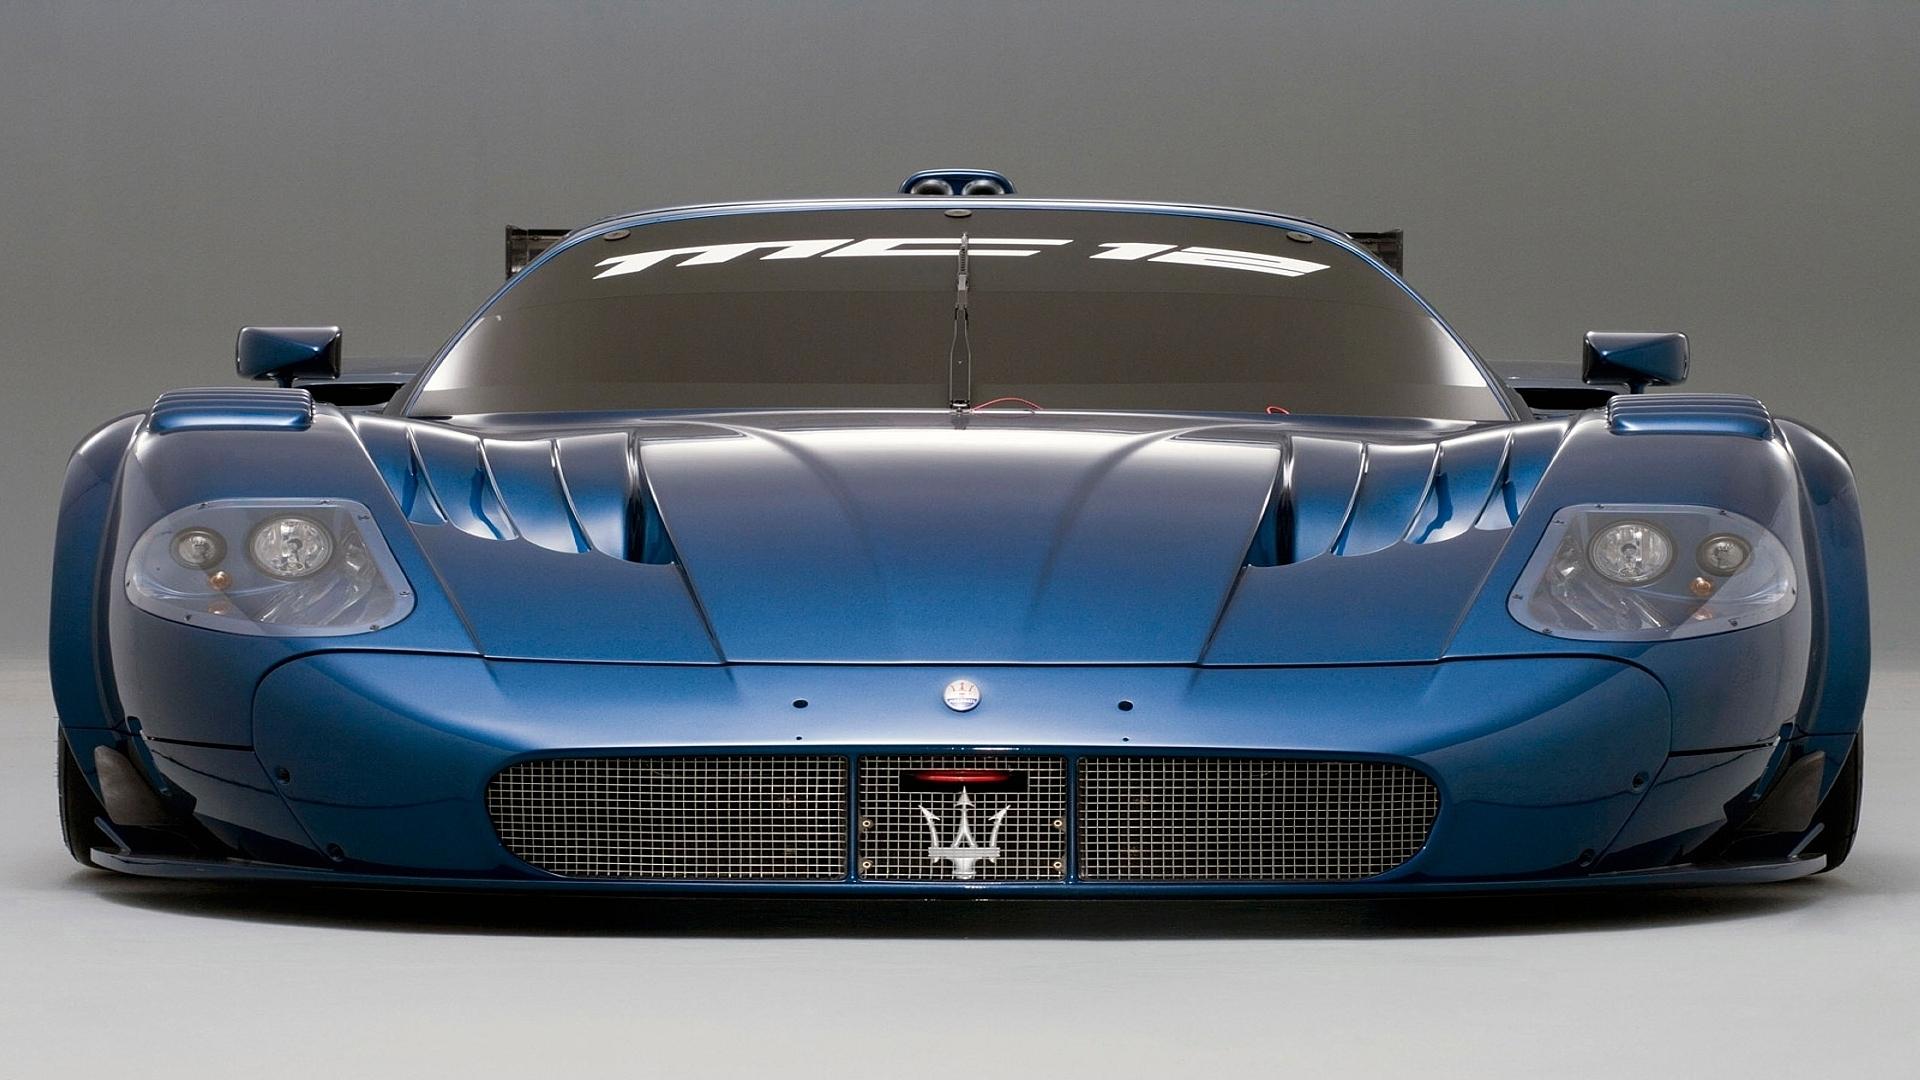 50181 скачать обои Транспорт, Машины, Мазератти (Maserati) - заставки и картинки бесплатно